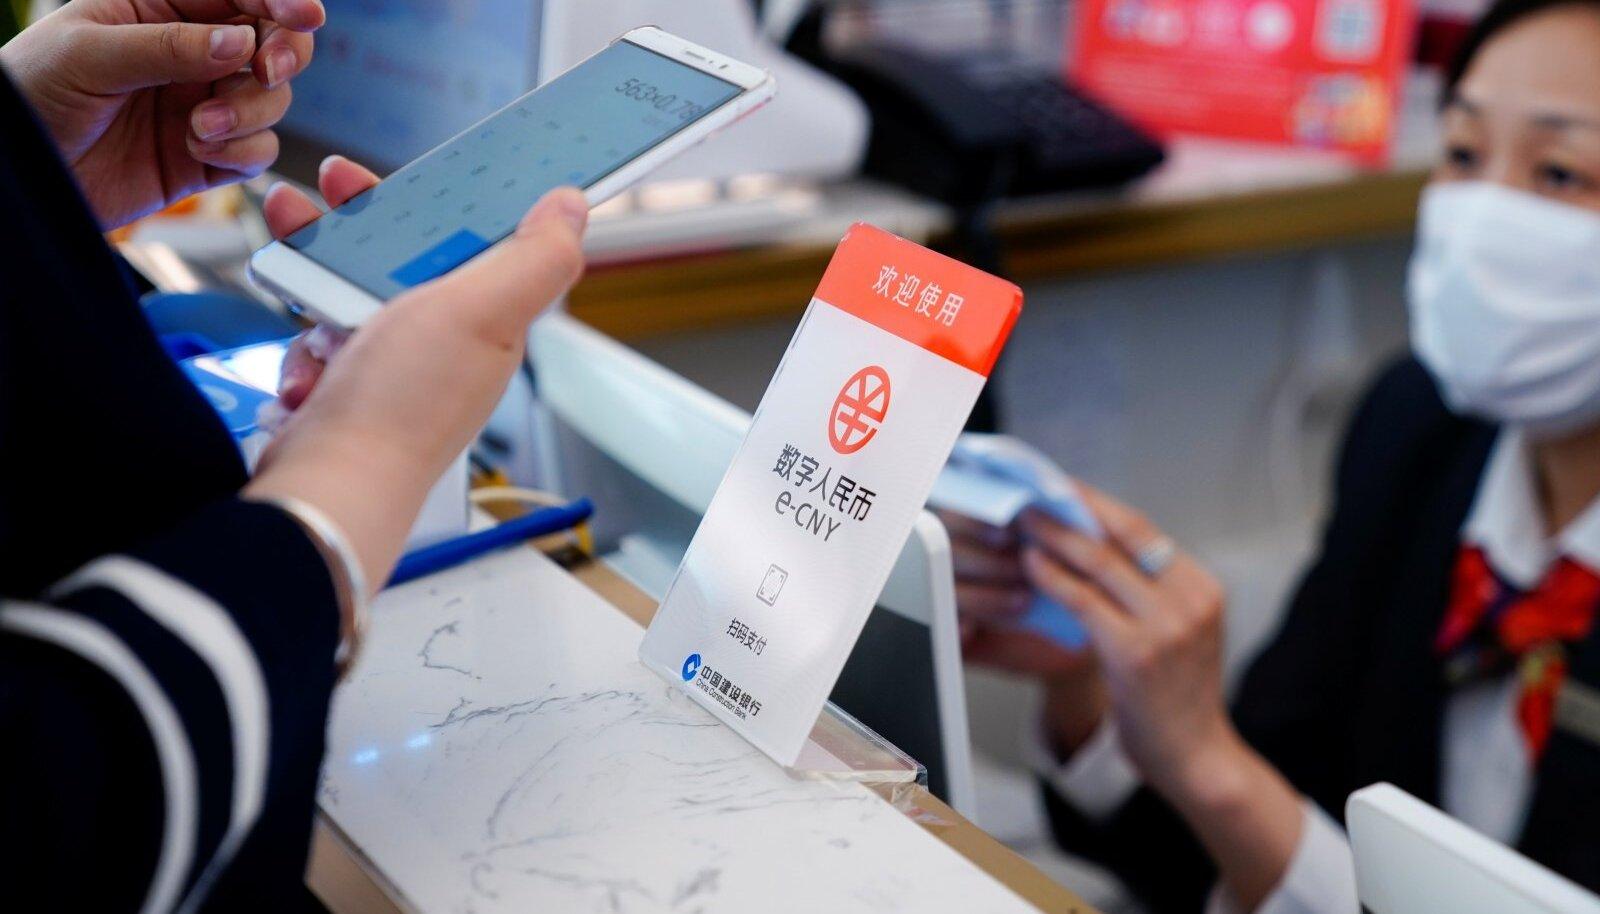 Shanghais on juba võimalik poes digitaalse jüaaniga maksta.